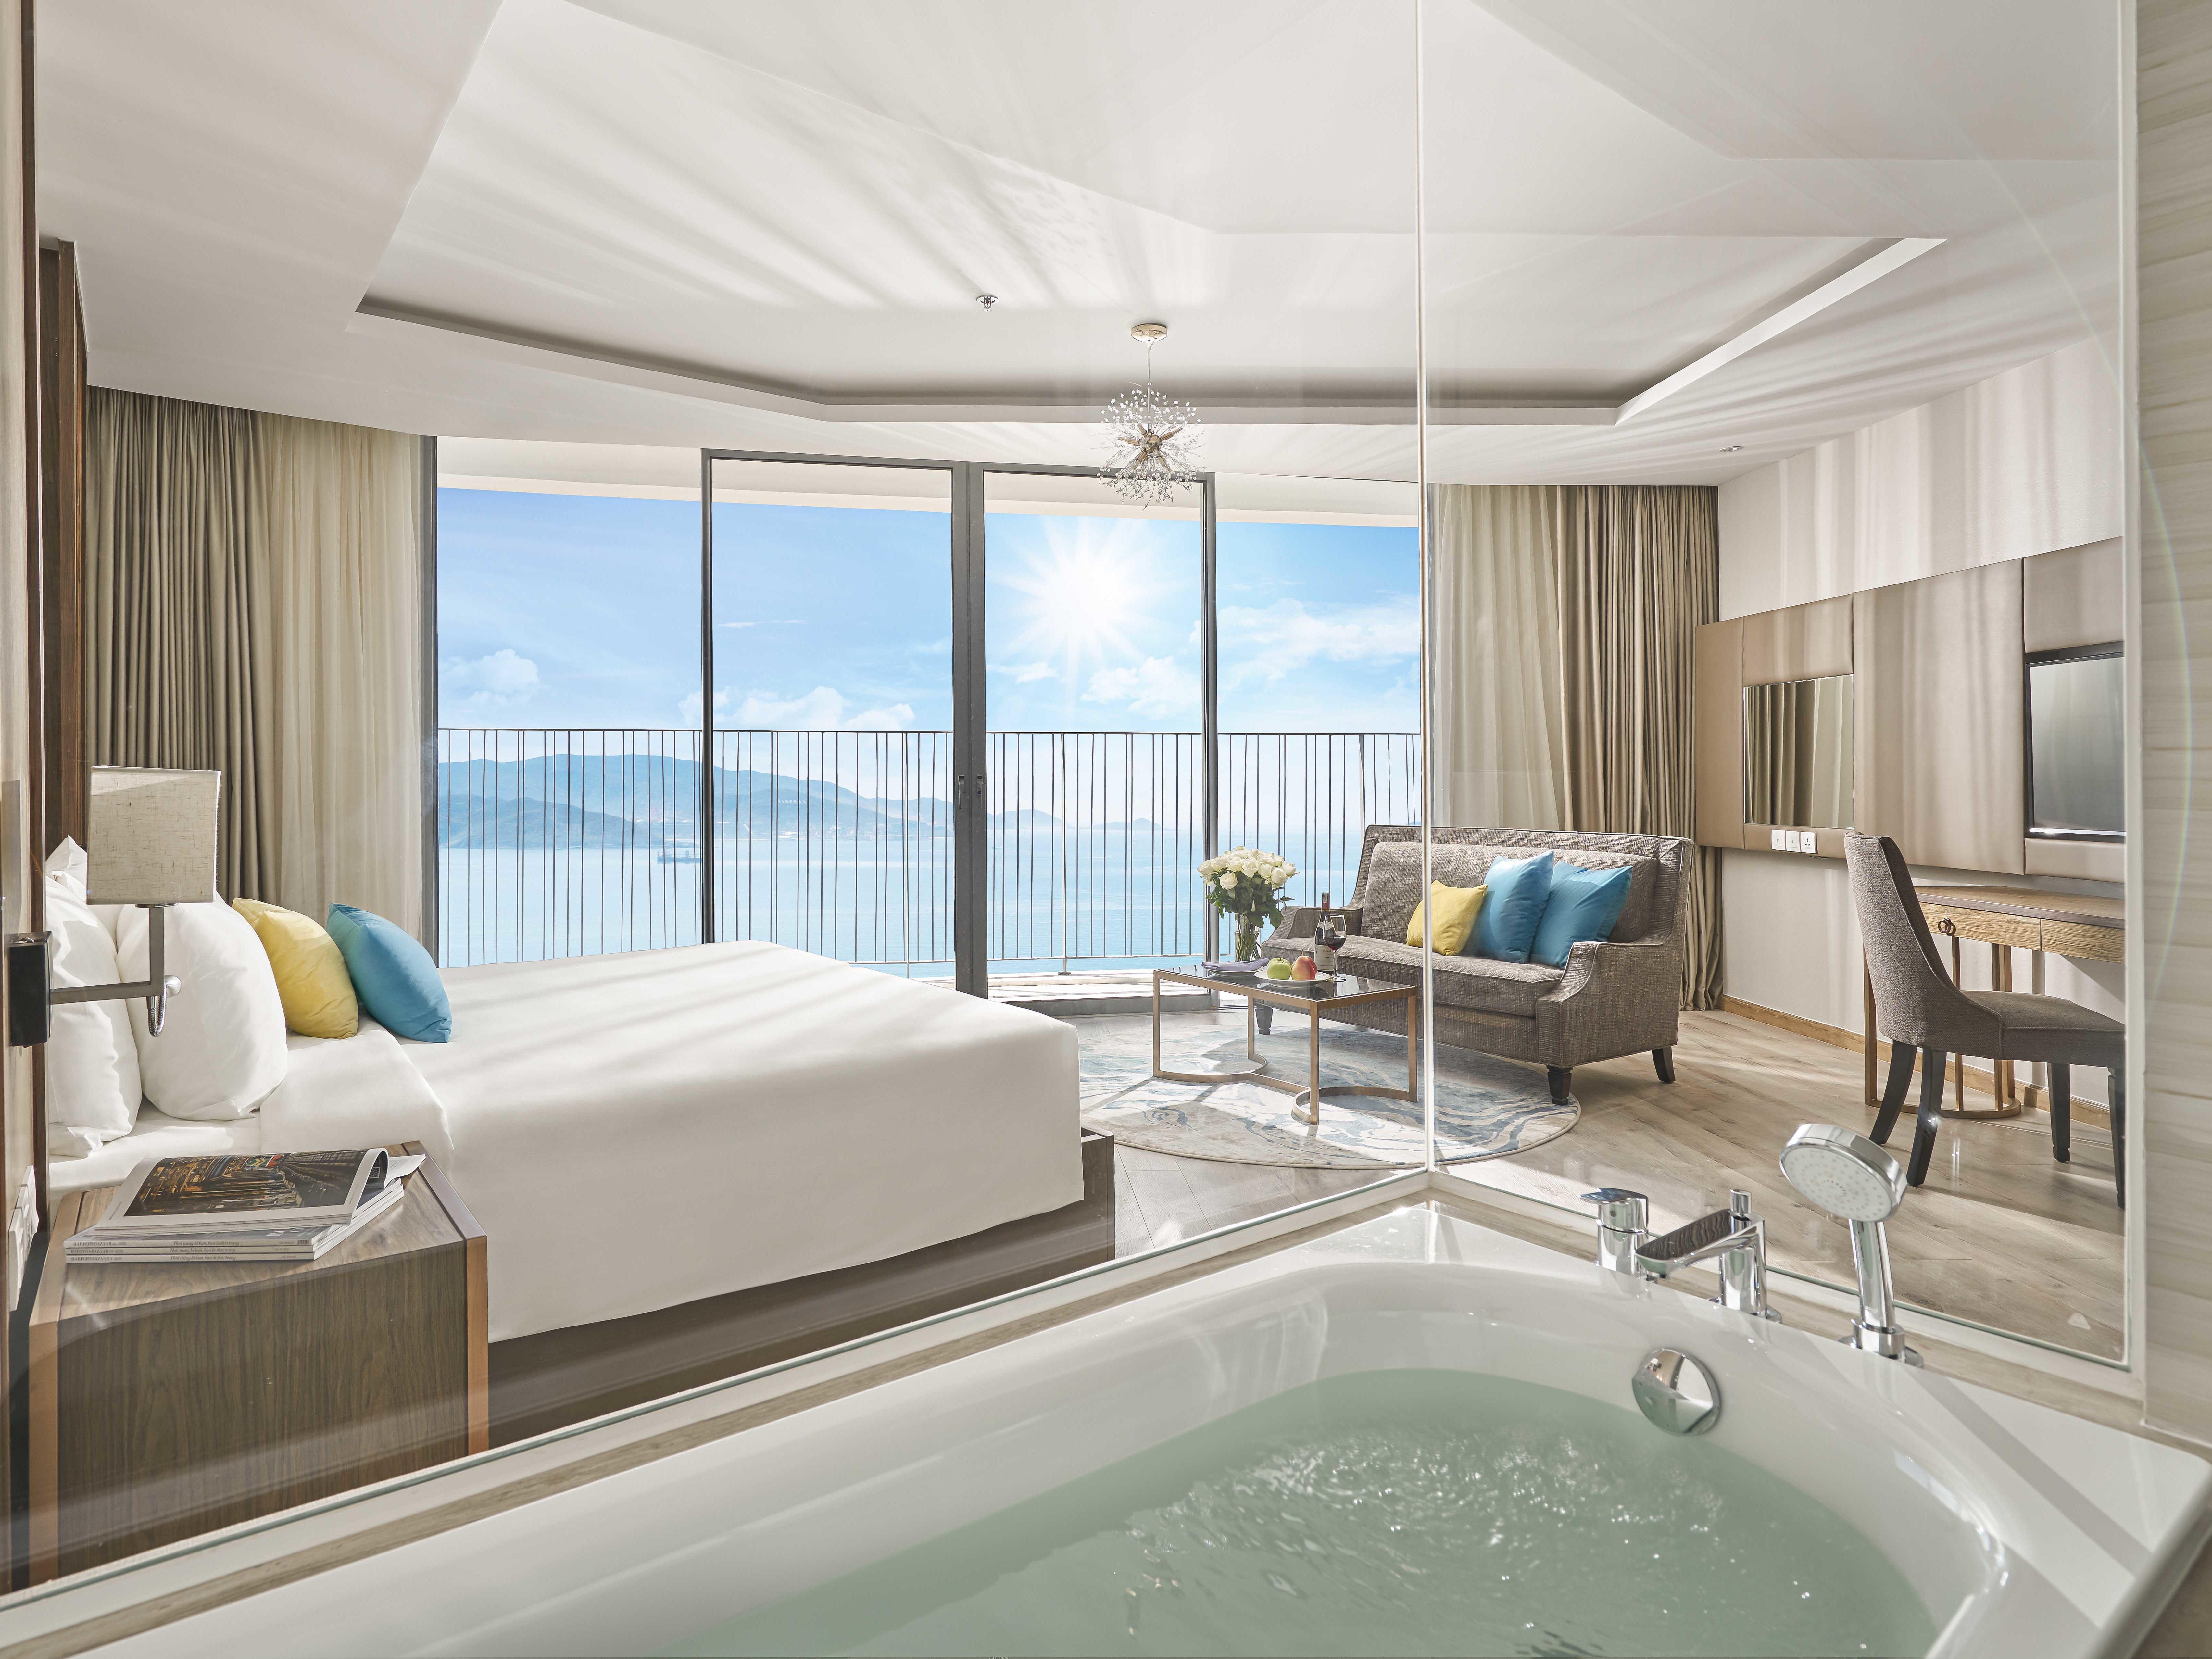 Executive Sky Ocean View